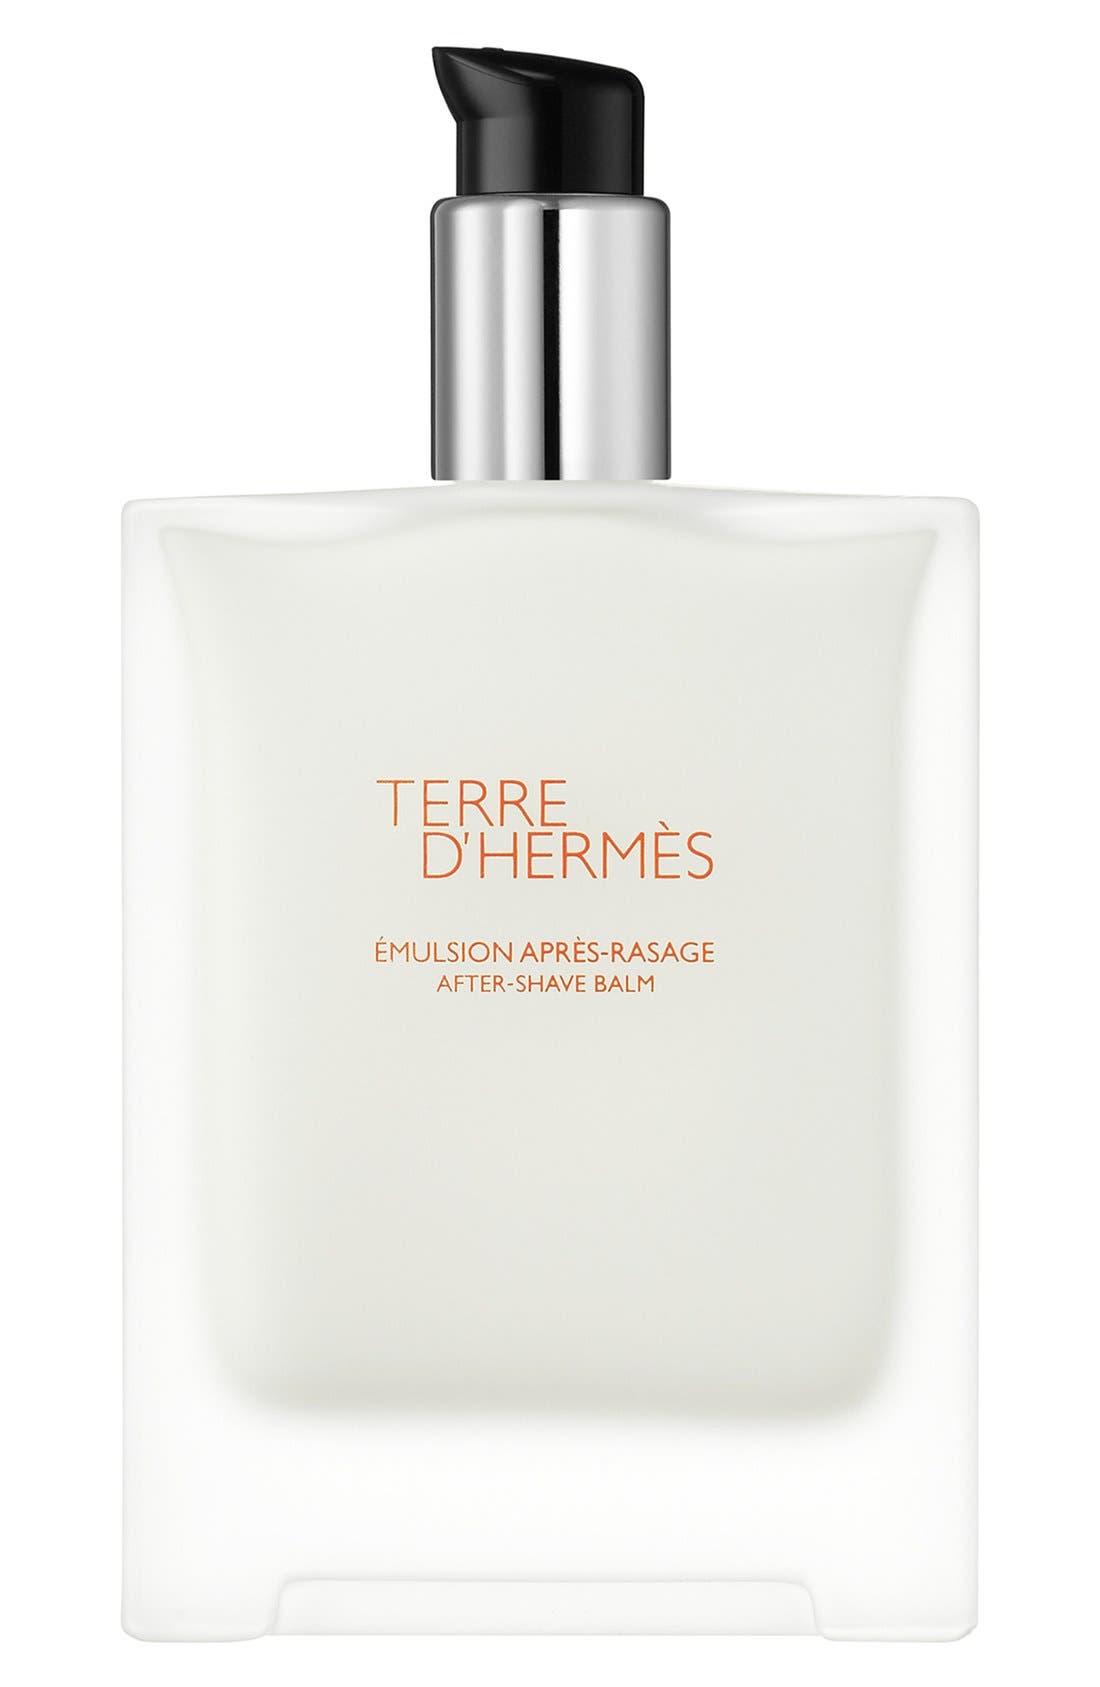 Terre d'Hermès - After-shave balm,                             Main thumbnail 1, color,                             NO COLOR